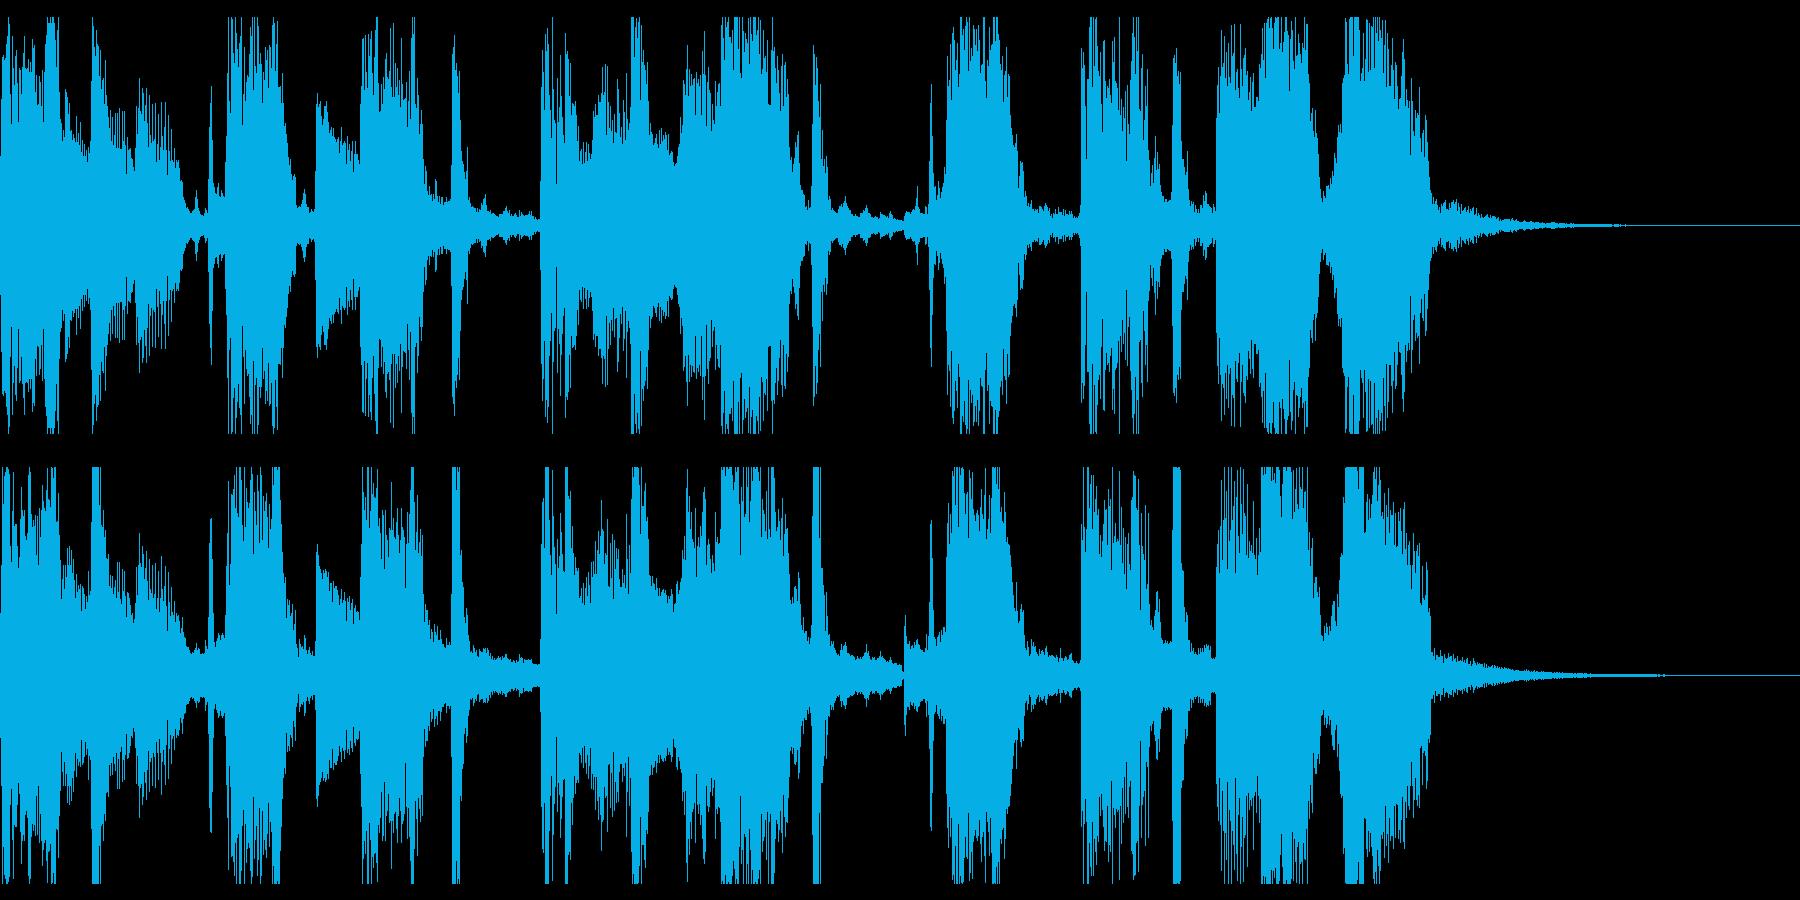 軽快なシンセとブレイクビーツのジングルの再生済みの波形